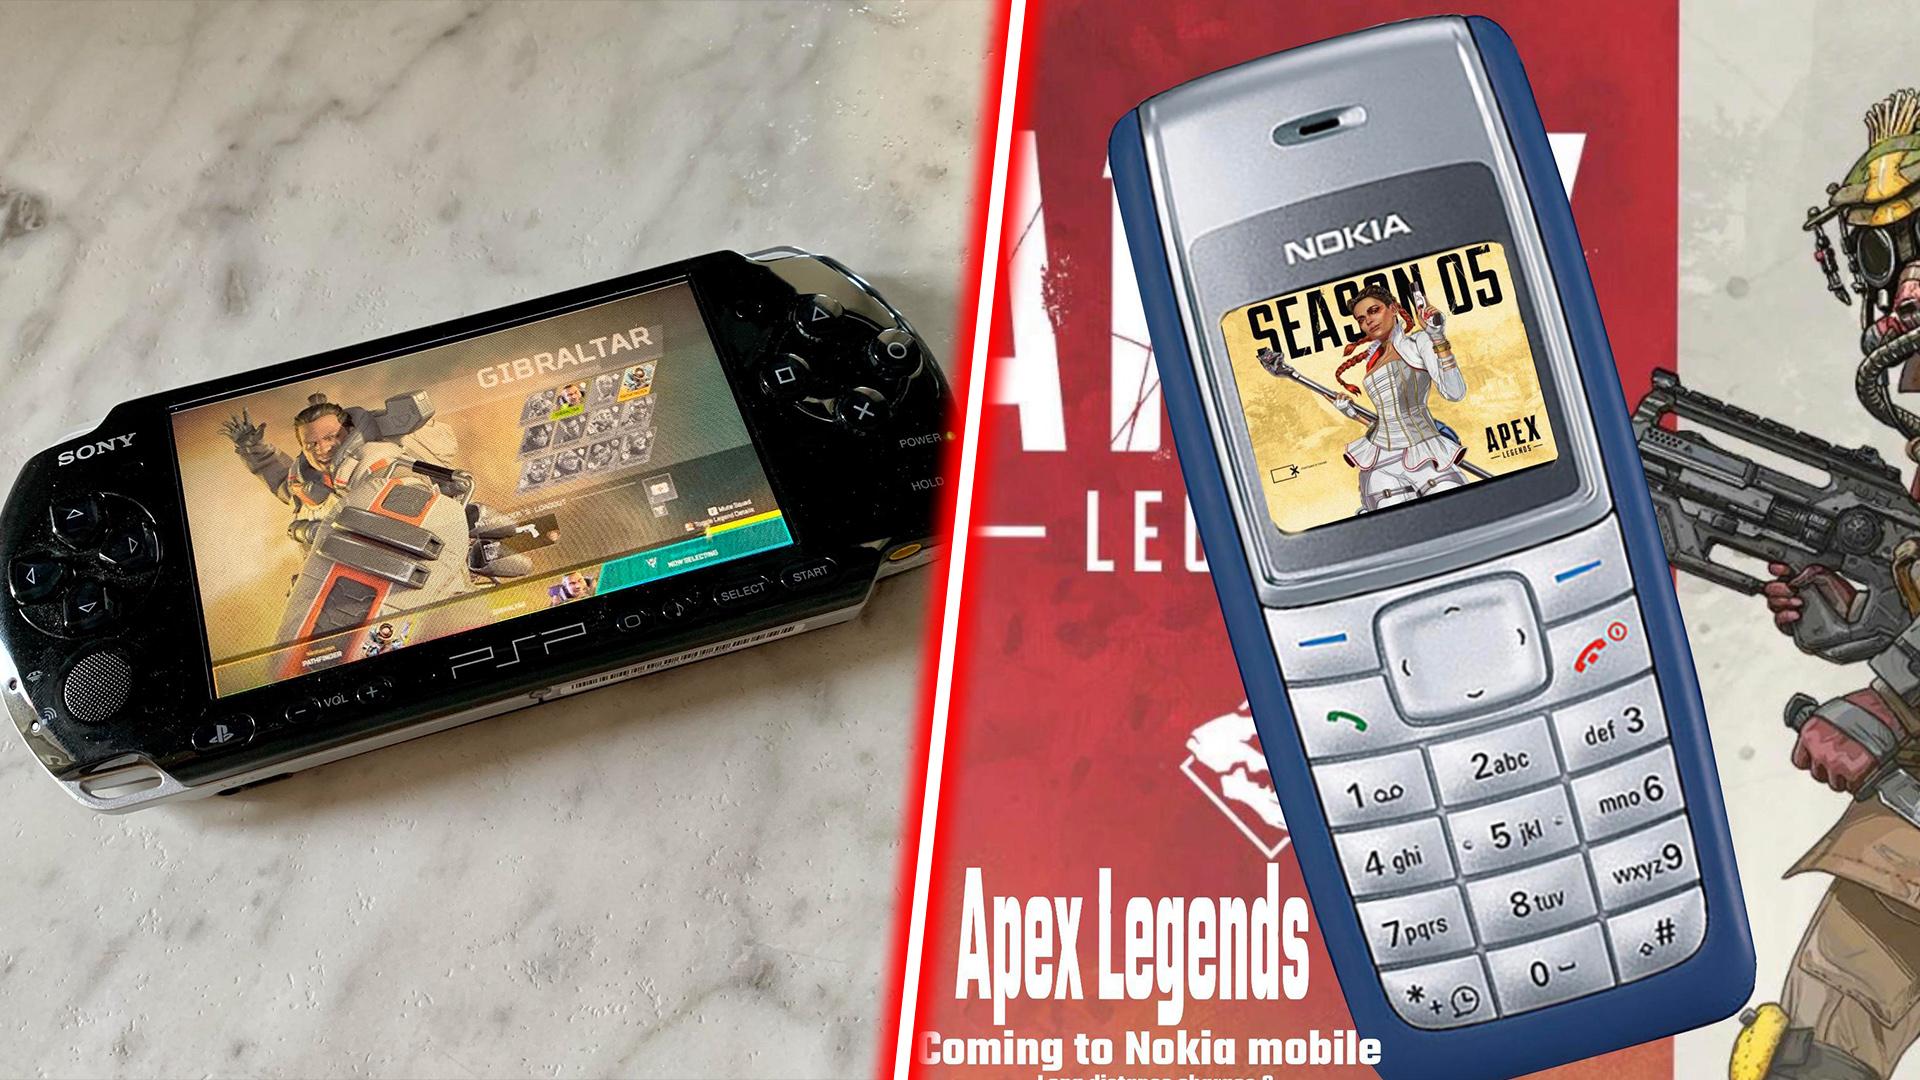 予定 プレイ apex クロス 【Apex Legends】クロスプレイへの対応について!PS4とPCでマルチプレイは可能?【エーペックス